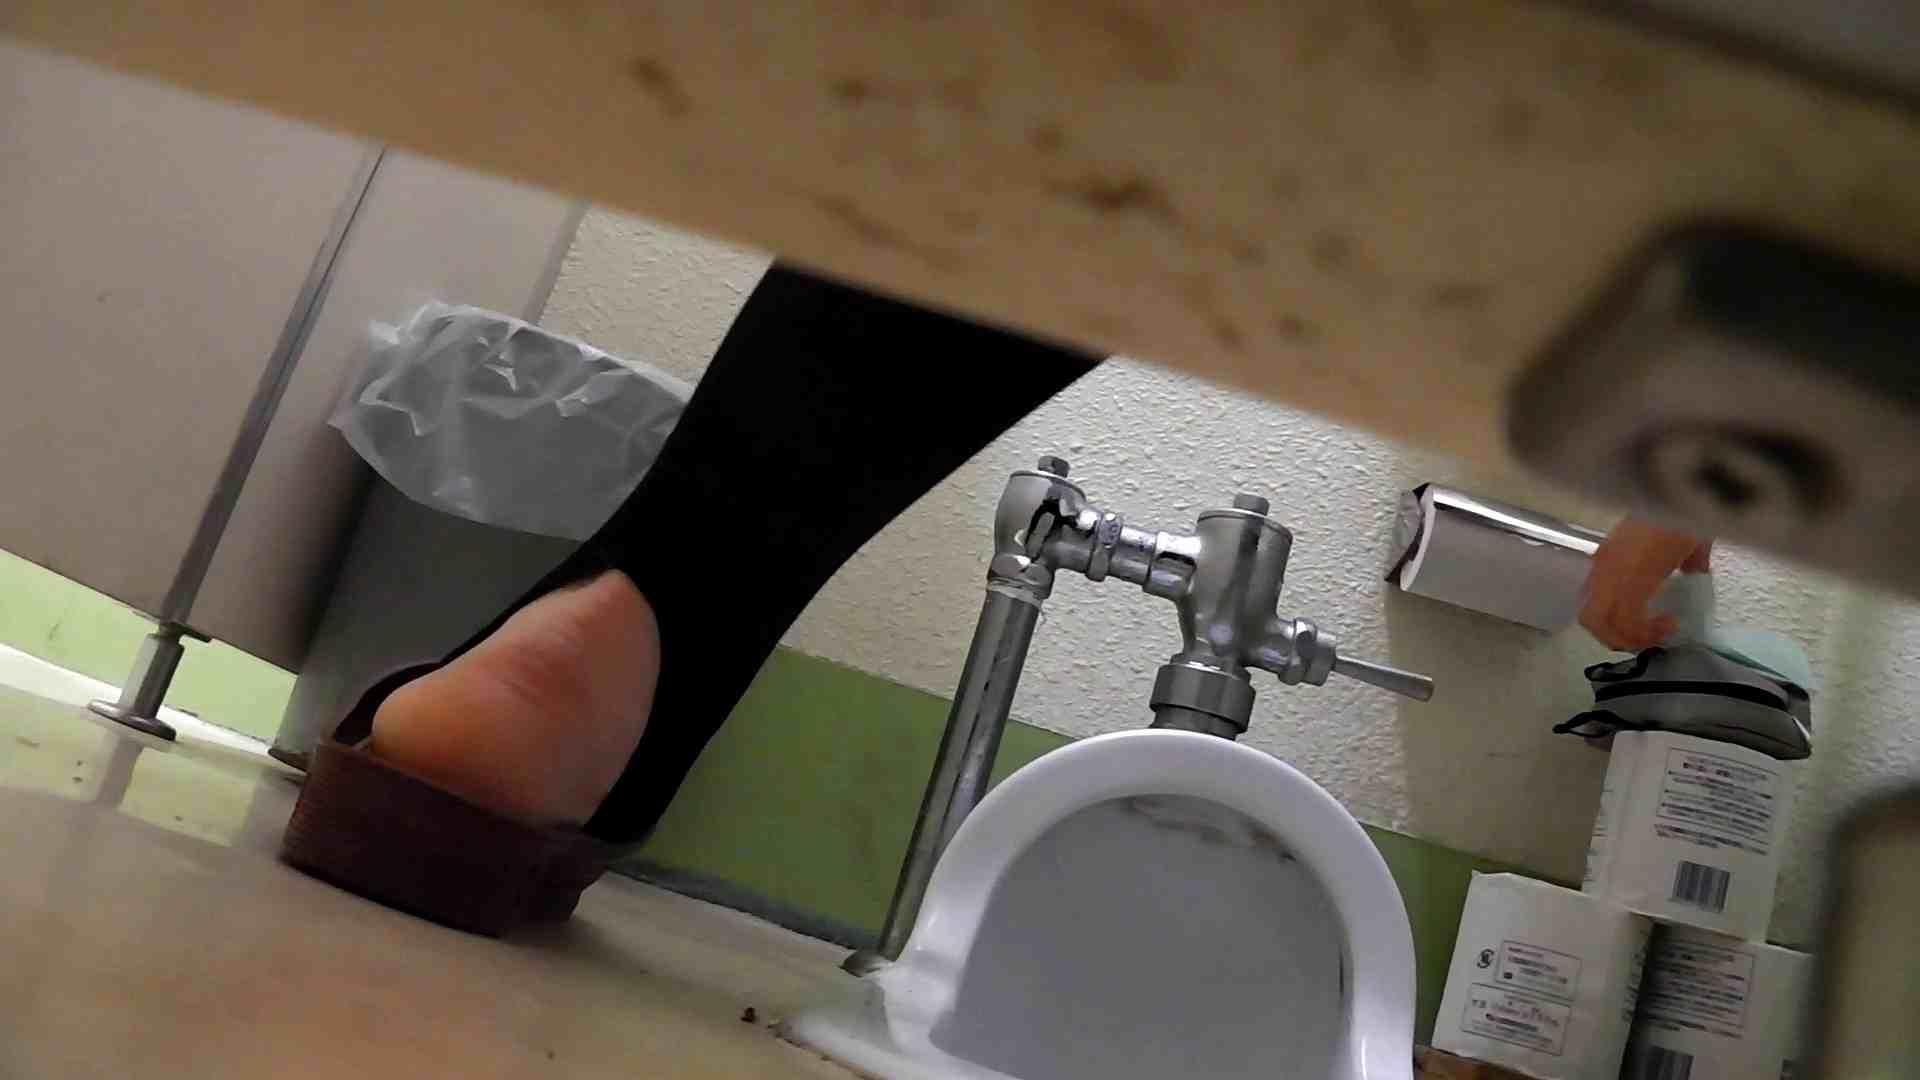 美しい日本の未来 No.02 番外編※注意※好き嫌いはわかれる所です。 トイレのぞき  93画像 56